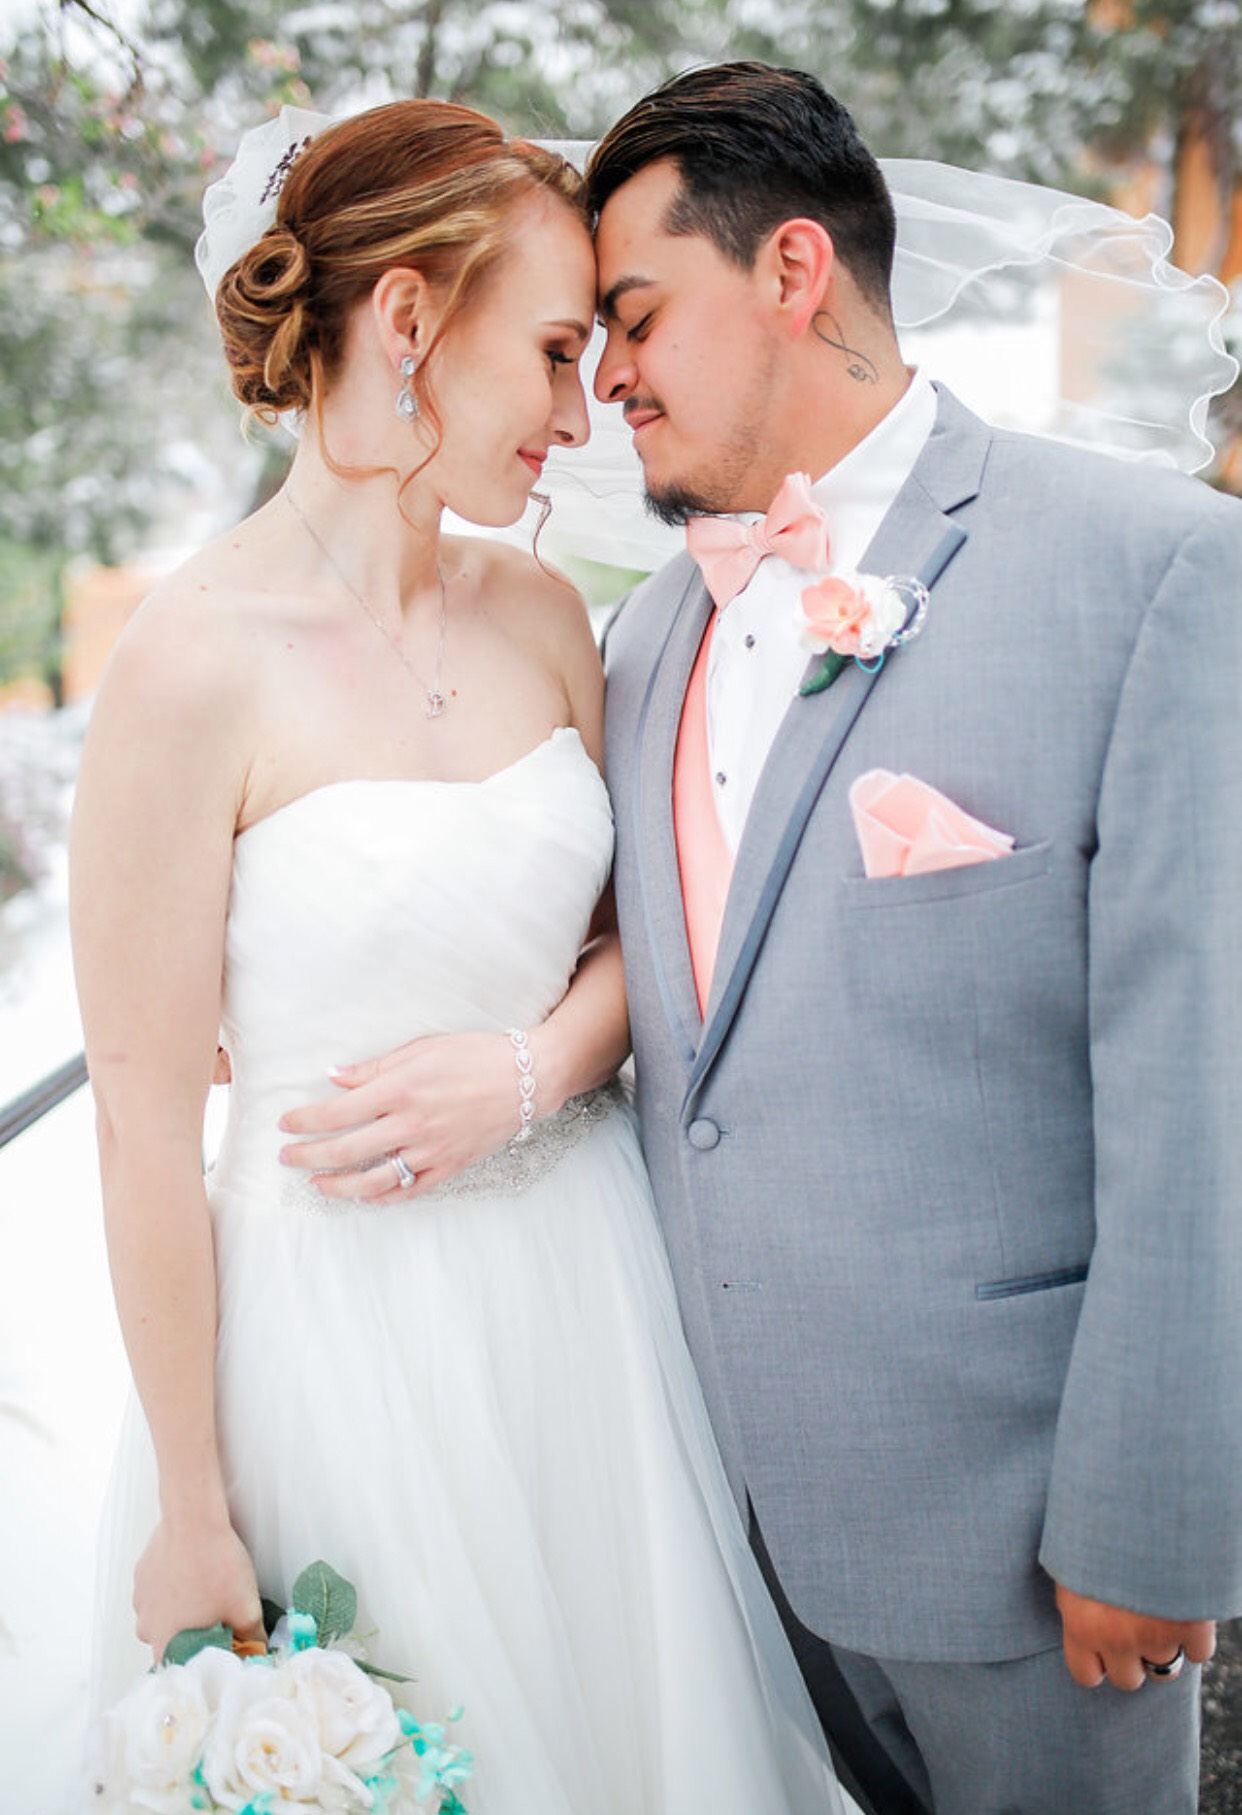 traveling-Denver-wedding-hairstylist-braiding-and-updo-specilaist